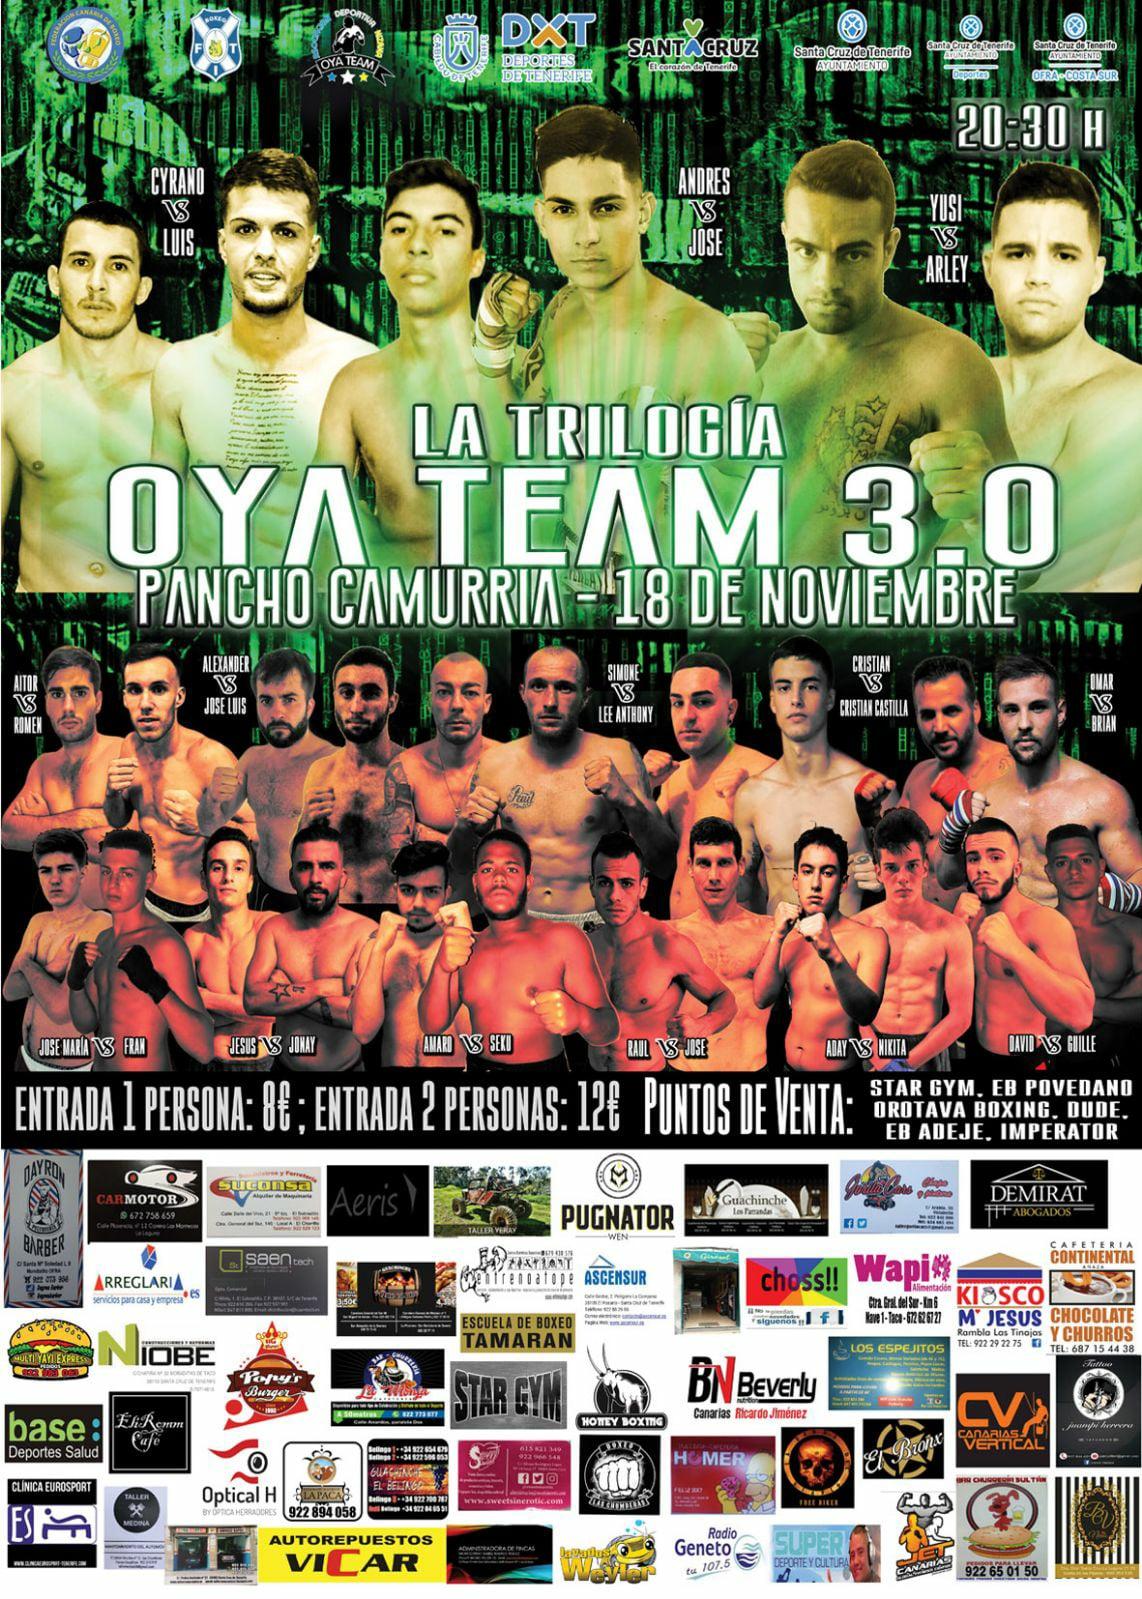 oya team 3.0